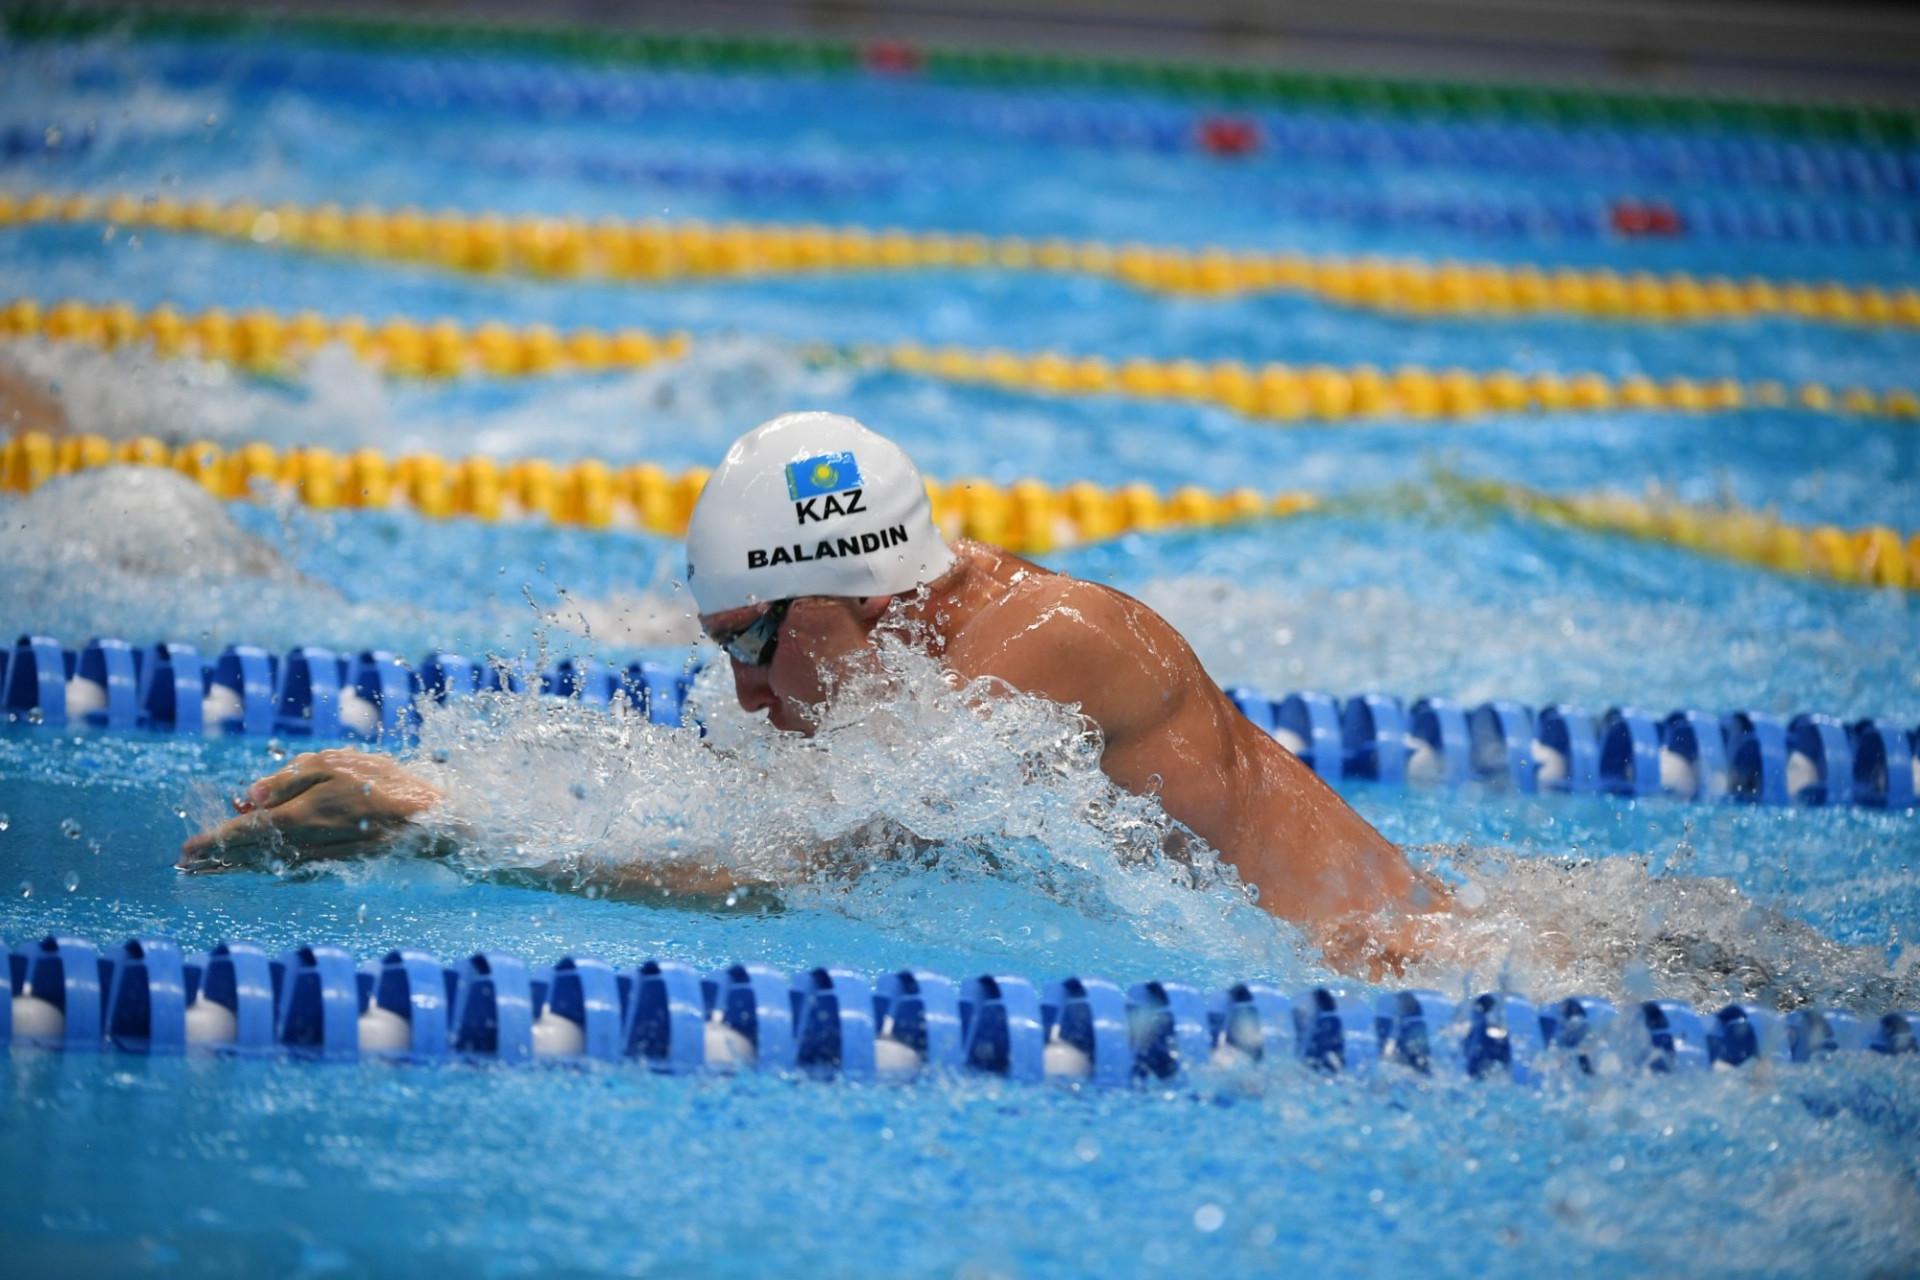 Дмитрий Баландин взял «золото» открытого чемпионата по плаванию в США